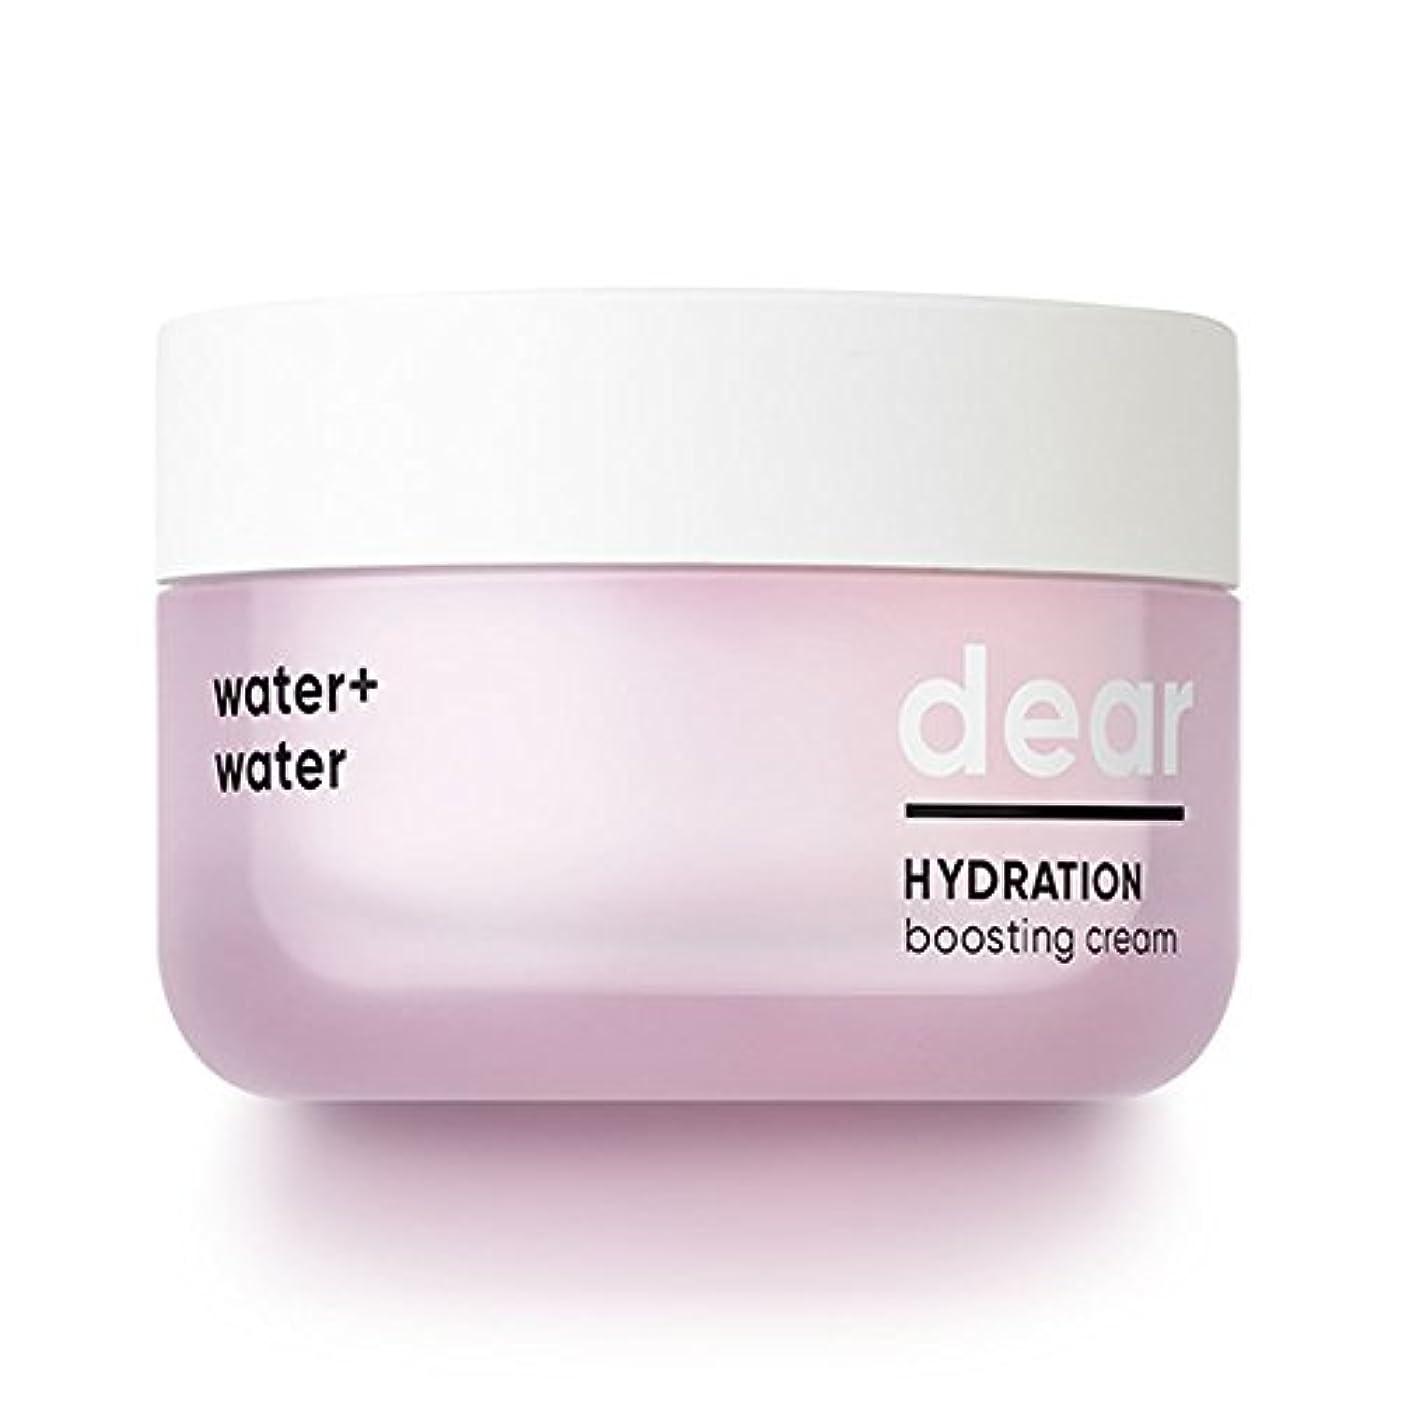 わずかに関与するヘロインBANILA CO(バニラコ) ディア ハイドレーション ブースティングクローム Dear Hydration Boosting Cream